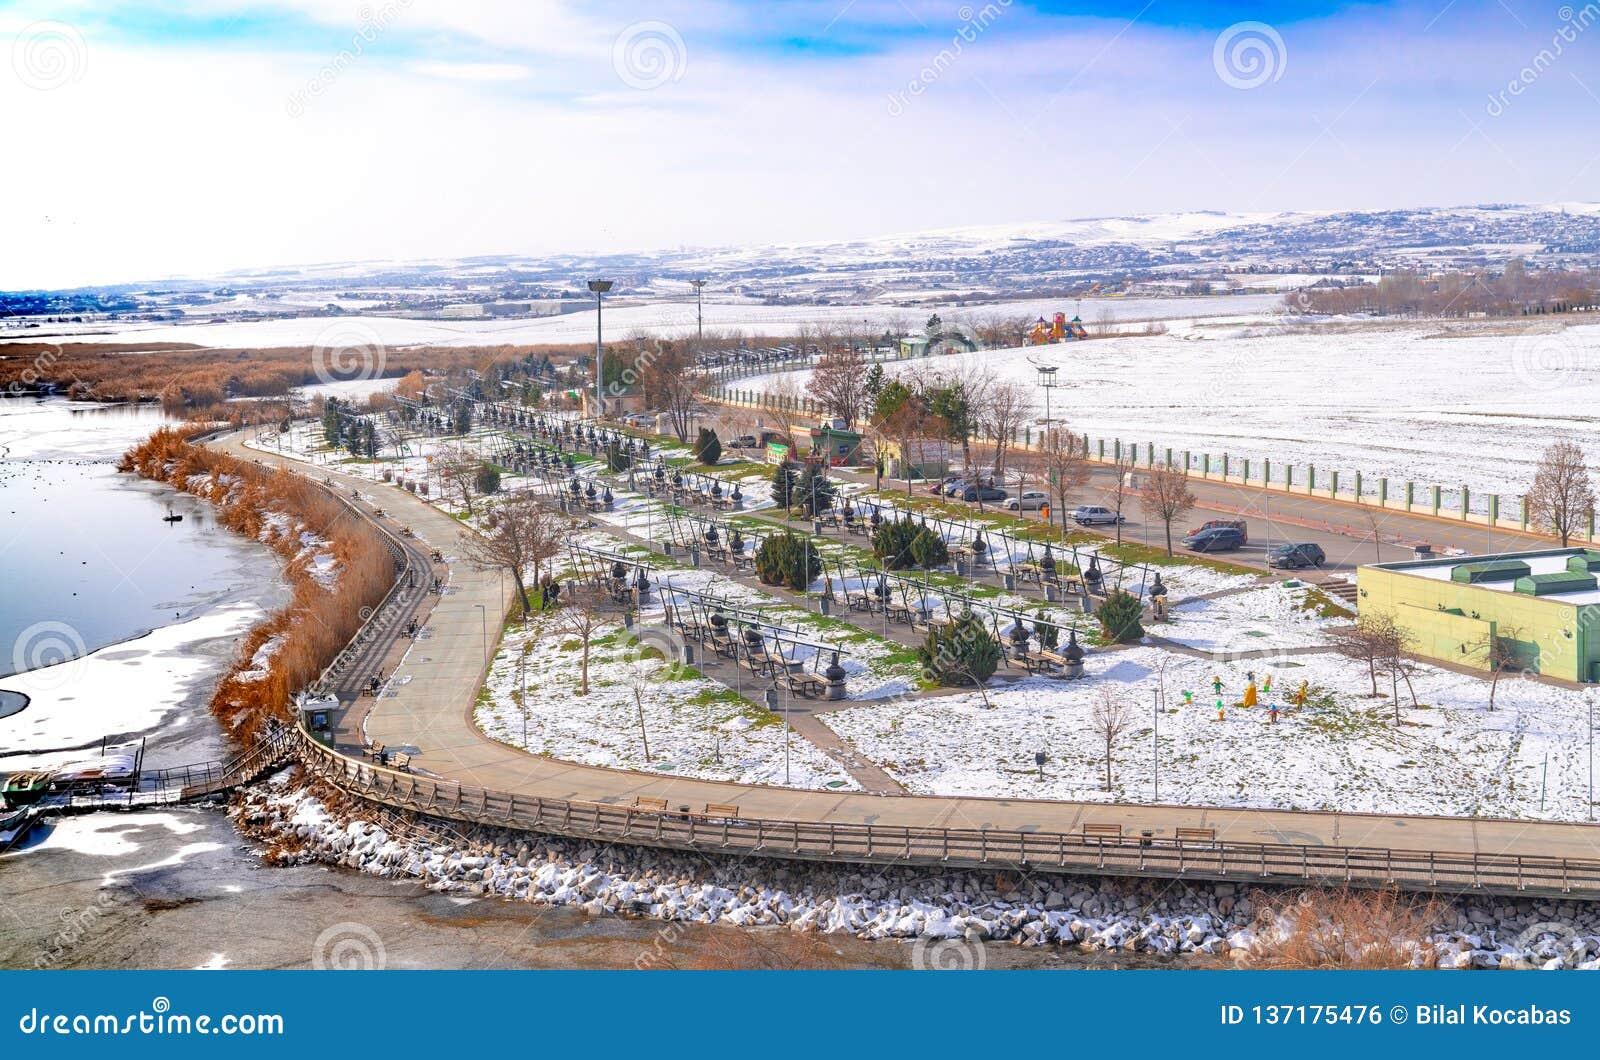 Άγκυρα/Τουρκία 1 Ιανουαρίου 2019: Η λίμνη Mogan και πολλές ψήνουν στη σχάρα κοντά στη λίμνη το χειμώνα, Άγκυρα, Τουρκία